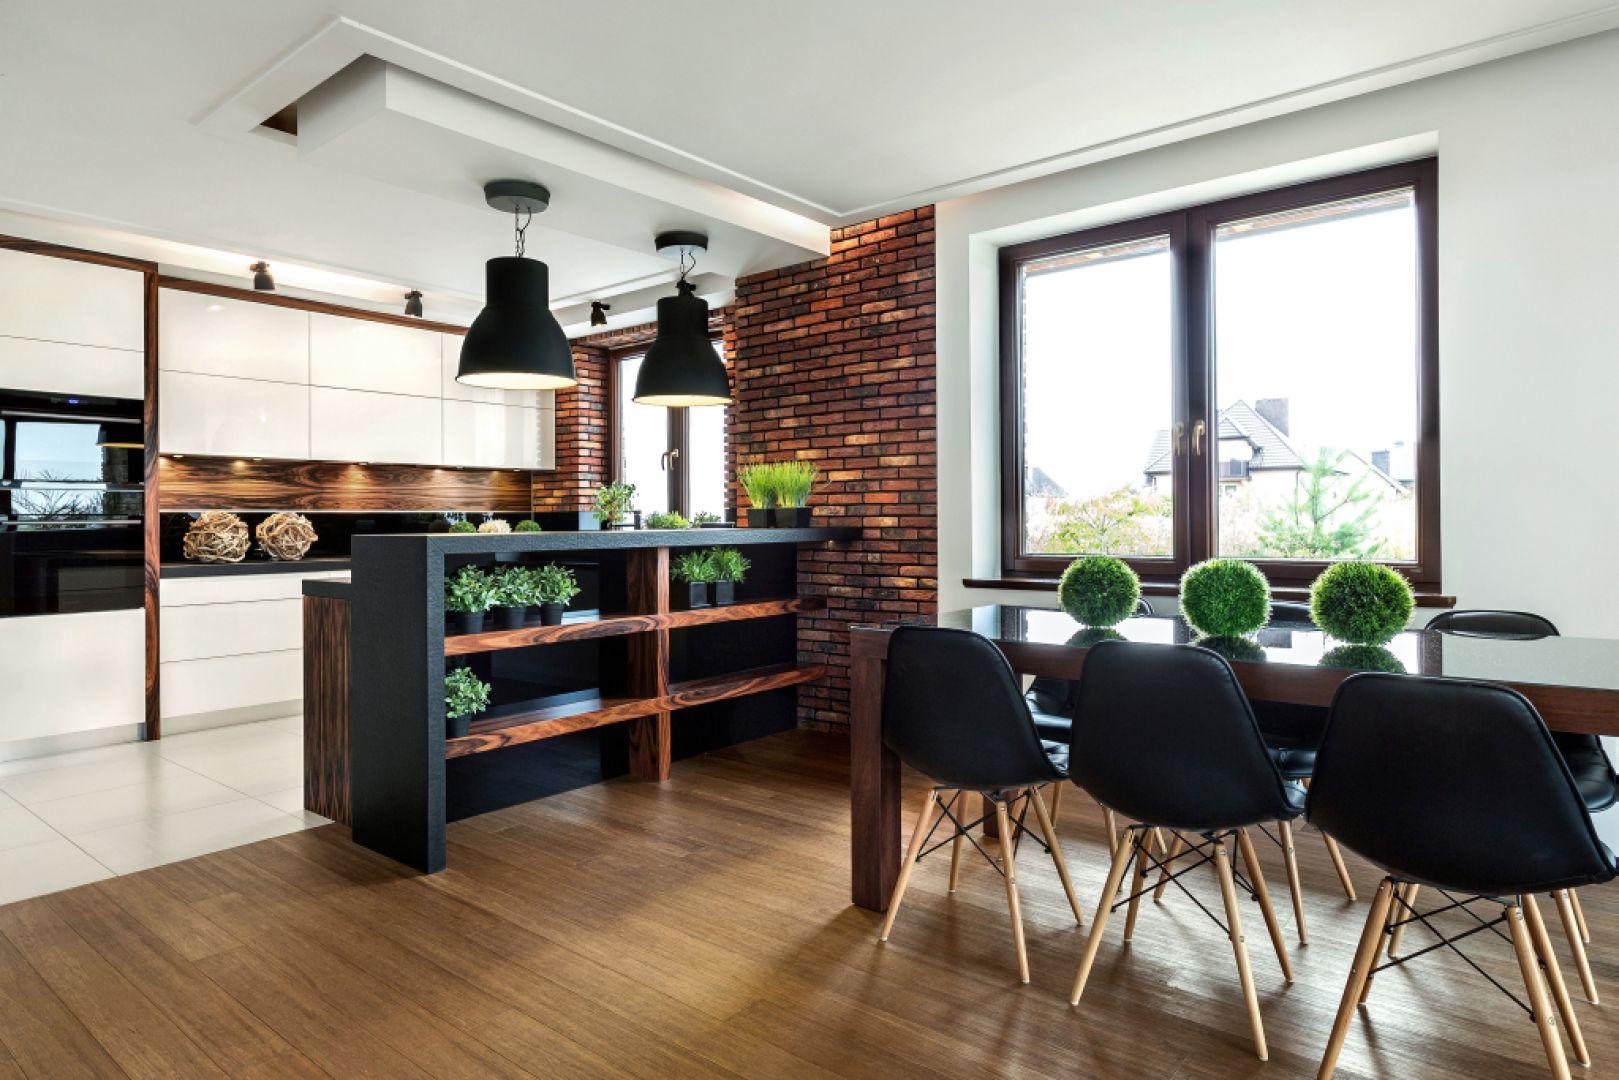 Najczęściej w kuchni można spotkać stoły prostokątne, kwadratowe lub owalne. Najbardziej funkcjonalne są stoły prostokątne ponieważ można je postawić pod ścianą. Fot. Studio Max Kuchnie Vigo